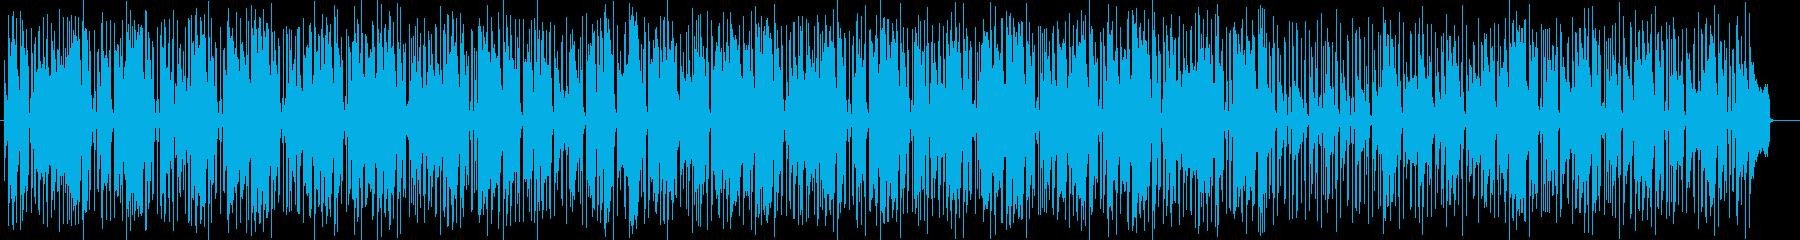 ギターのリフがおしゃれなアーバンAORの再生済みの波形